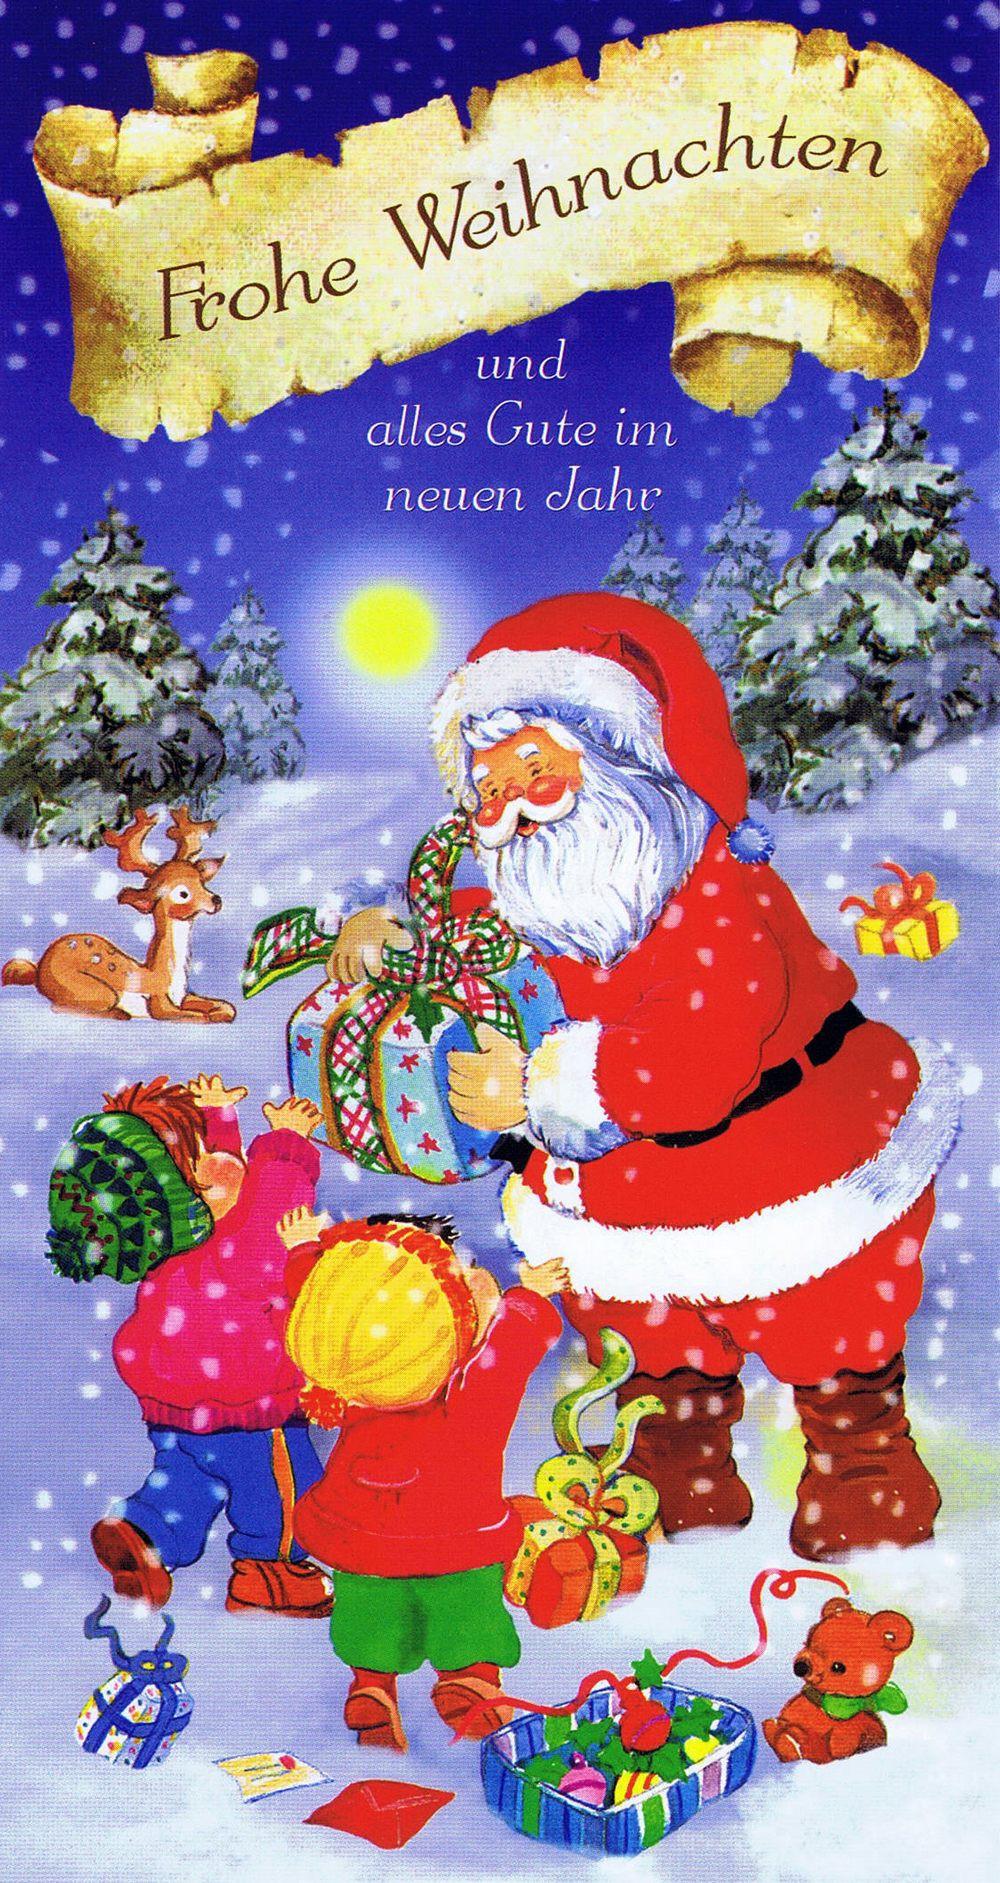 Weihnachtskarte 3 - Weihnachtsmann Und Glückliche Kinder ganzes Weihnachtskarte Für Kinder